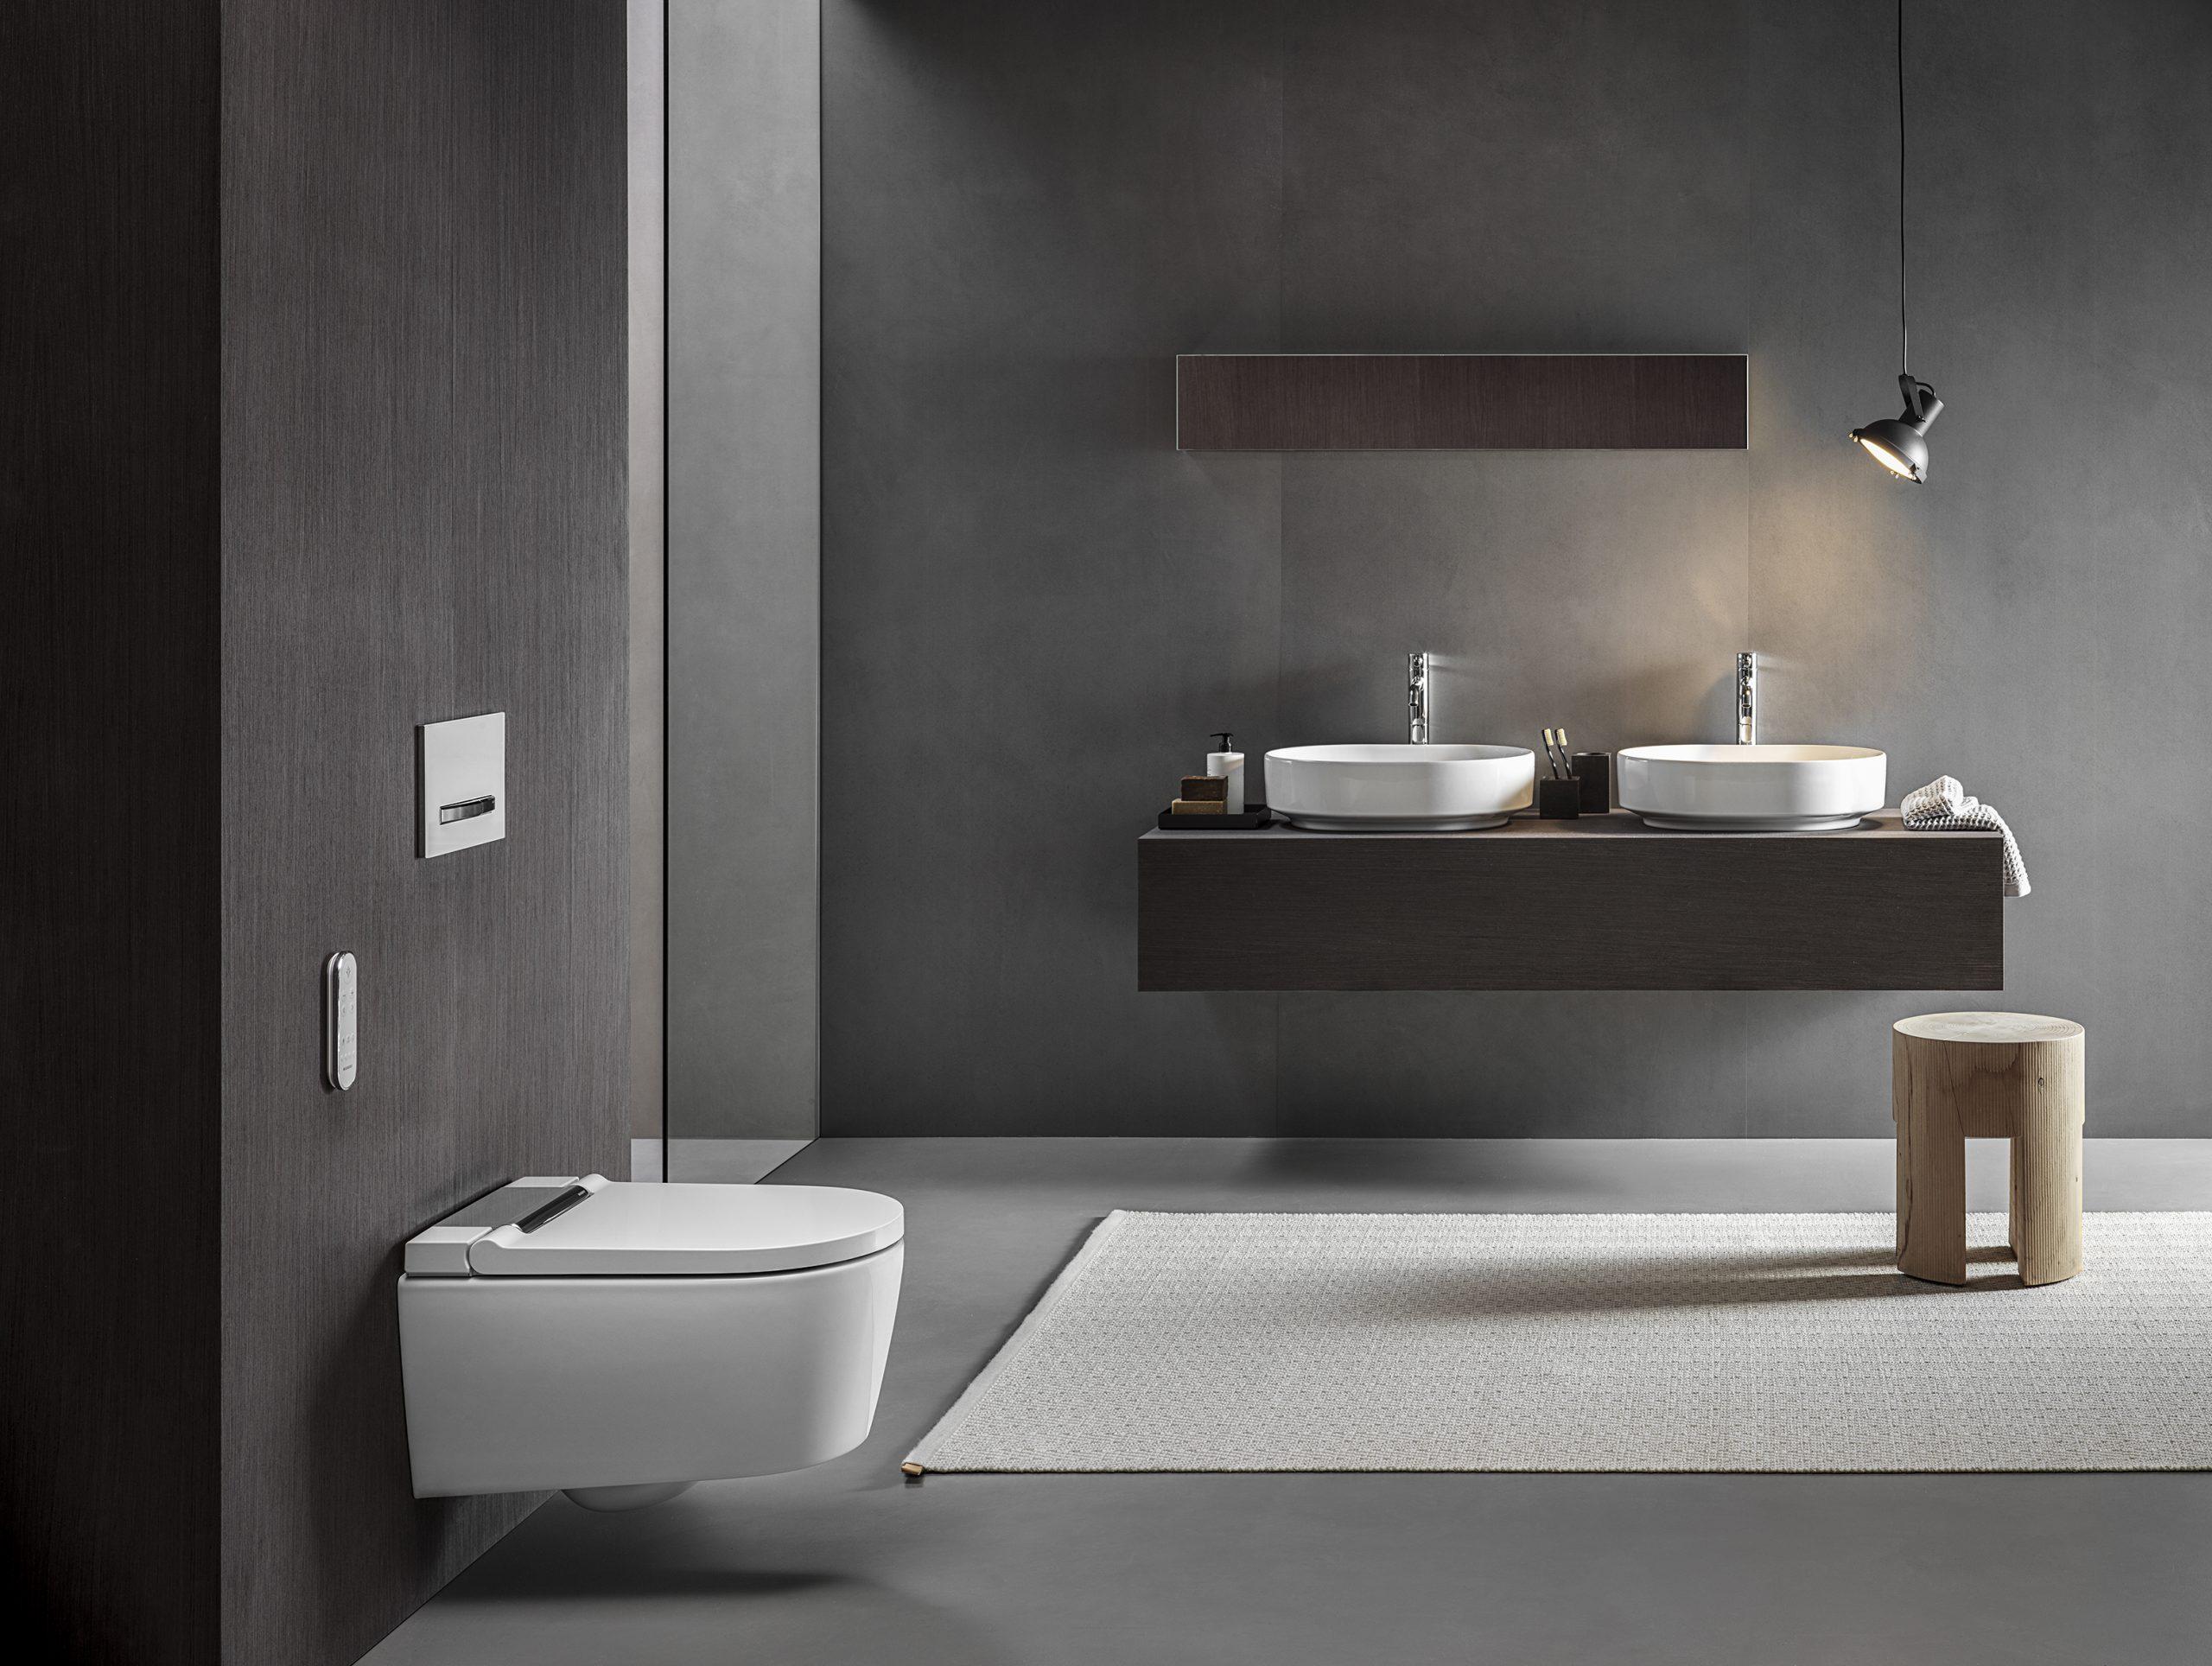 Idee Per Ristrutturare Il Bagno il bagno si fa smart con la domotica - 100 idee per